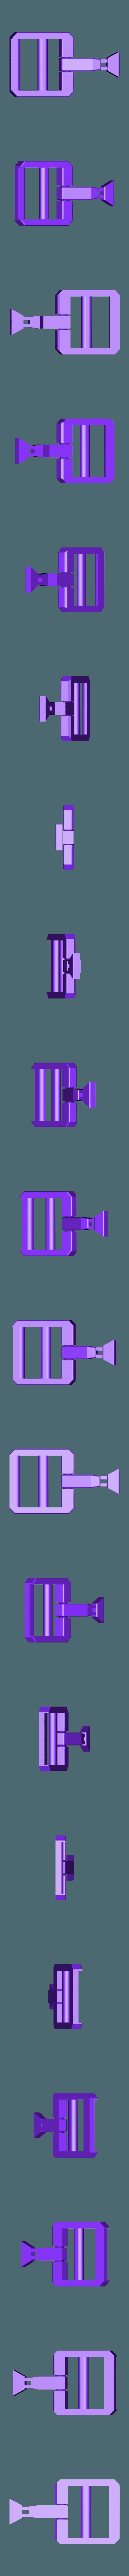 ez_belt_metal.stl Télécharger fichier SCAD gratuit Boucle de la ceinture de la piscine morte Pièces de couleur séparée • Modèle pour imprimante 3D, dantu